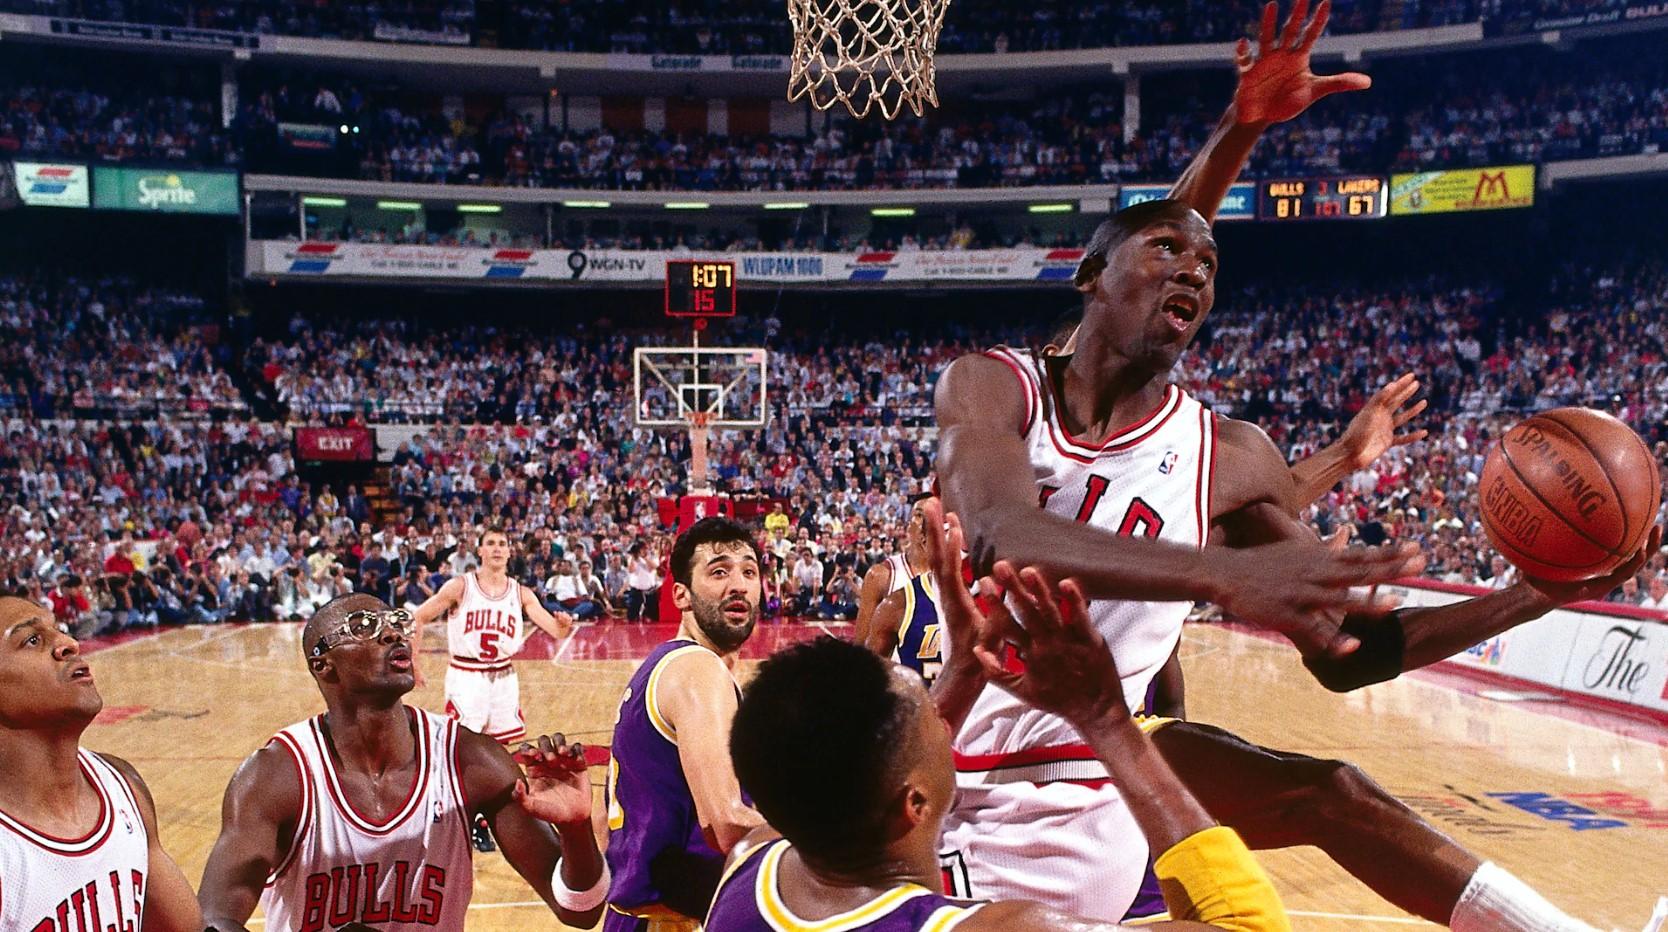 29年前的今天,乔丹在总决赛中做出经典的空中换手上篮